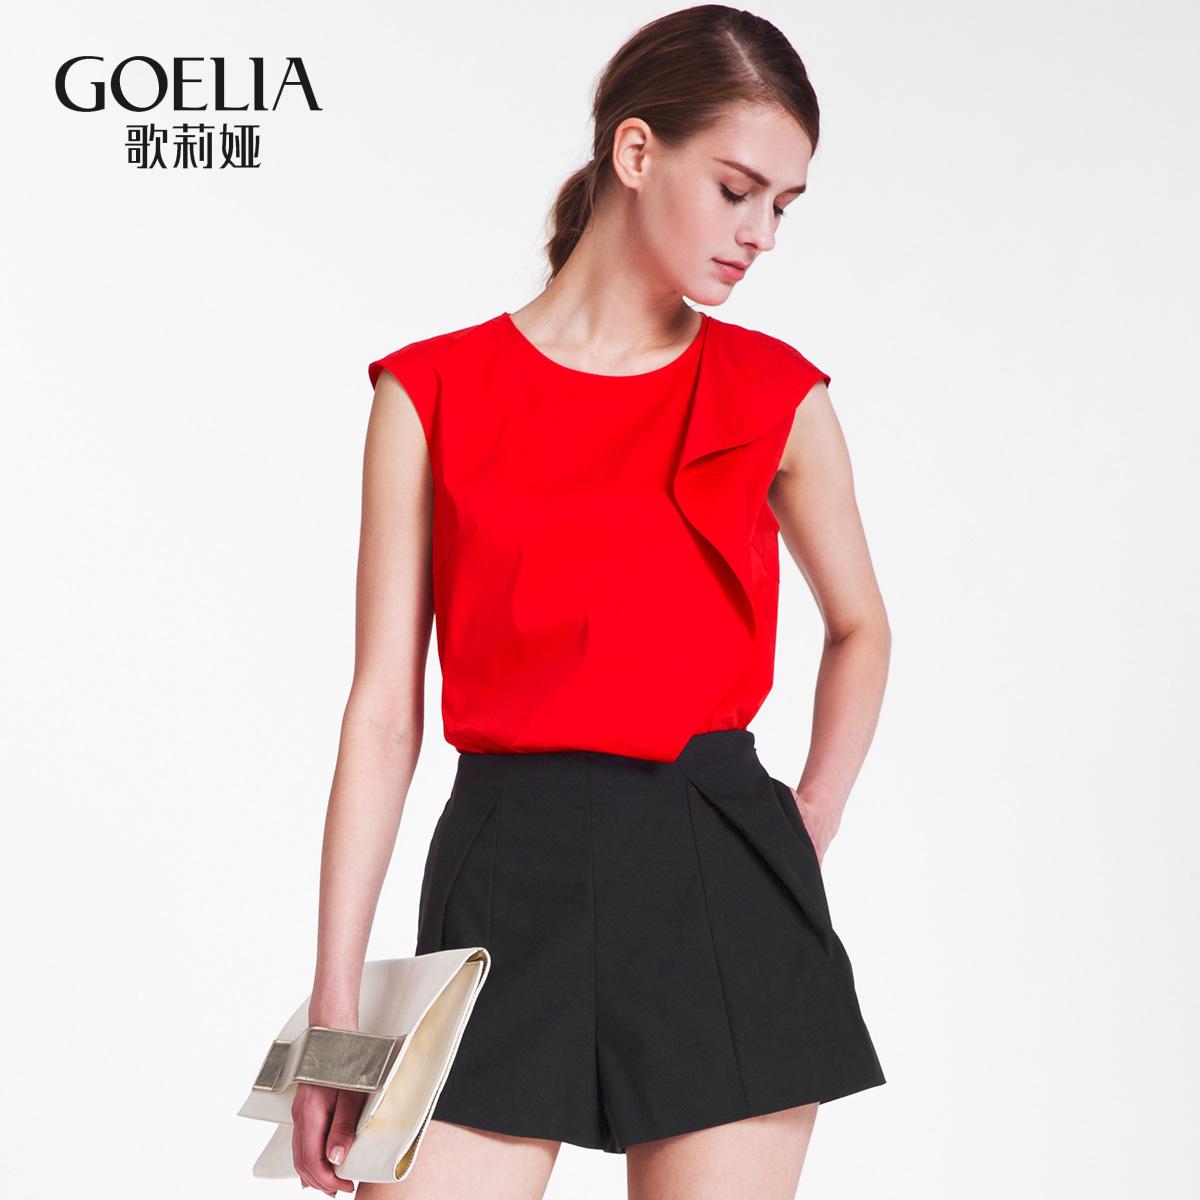 歌莉娅女装 GLORIA歌莉娅夏无袖背心圆领甜美衬衫上衣165C3A010_推荐淘宝好看的歌莉娅